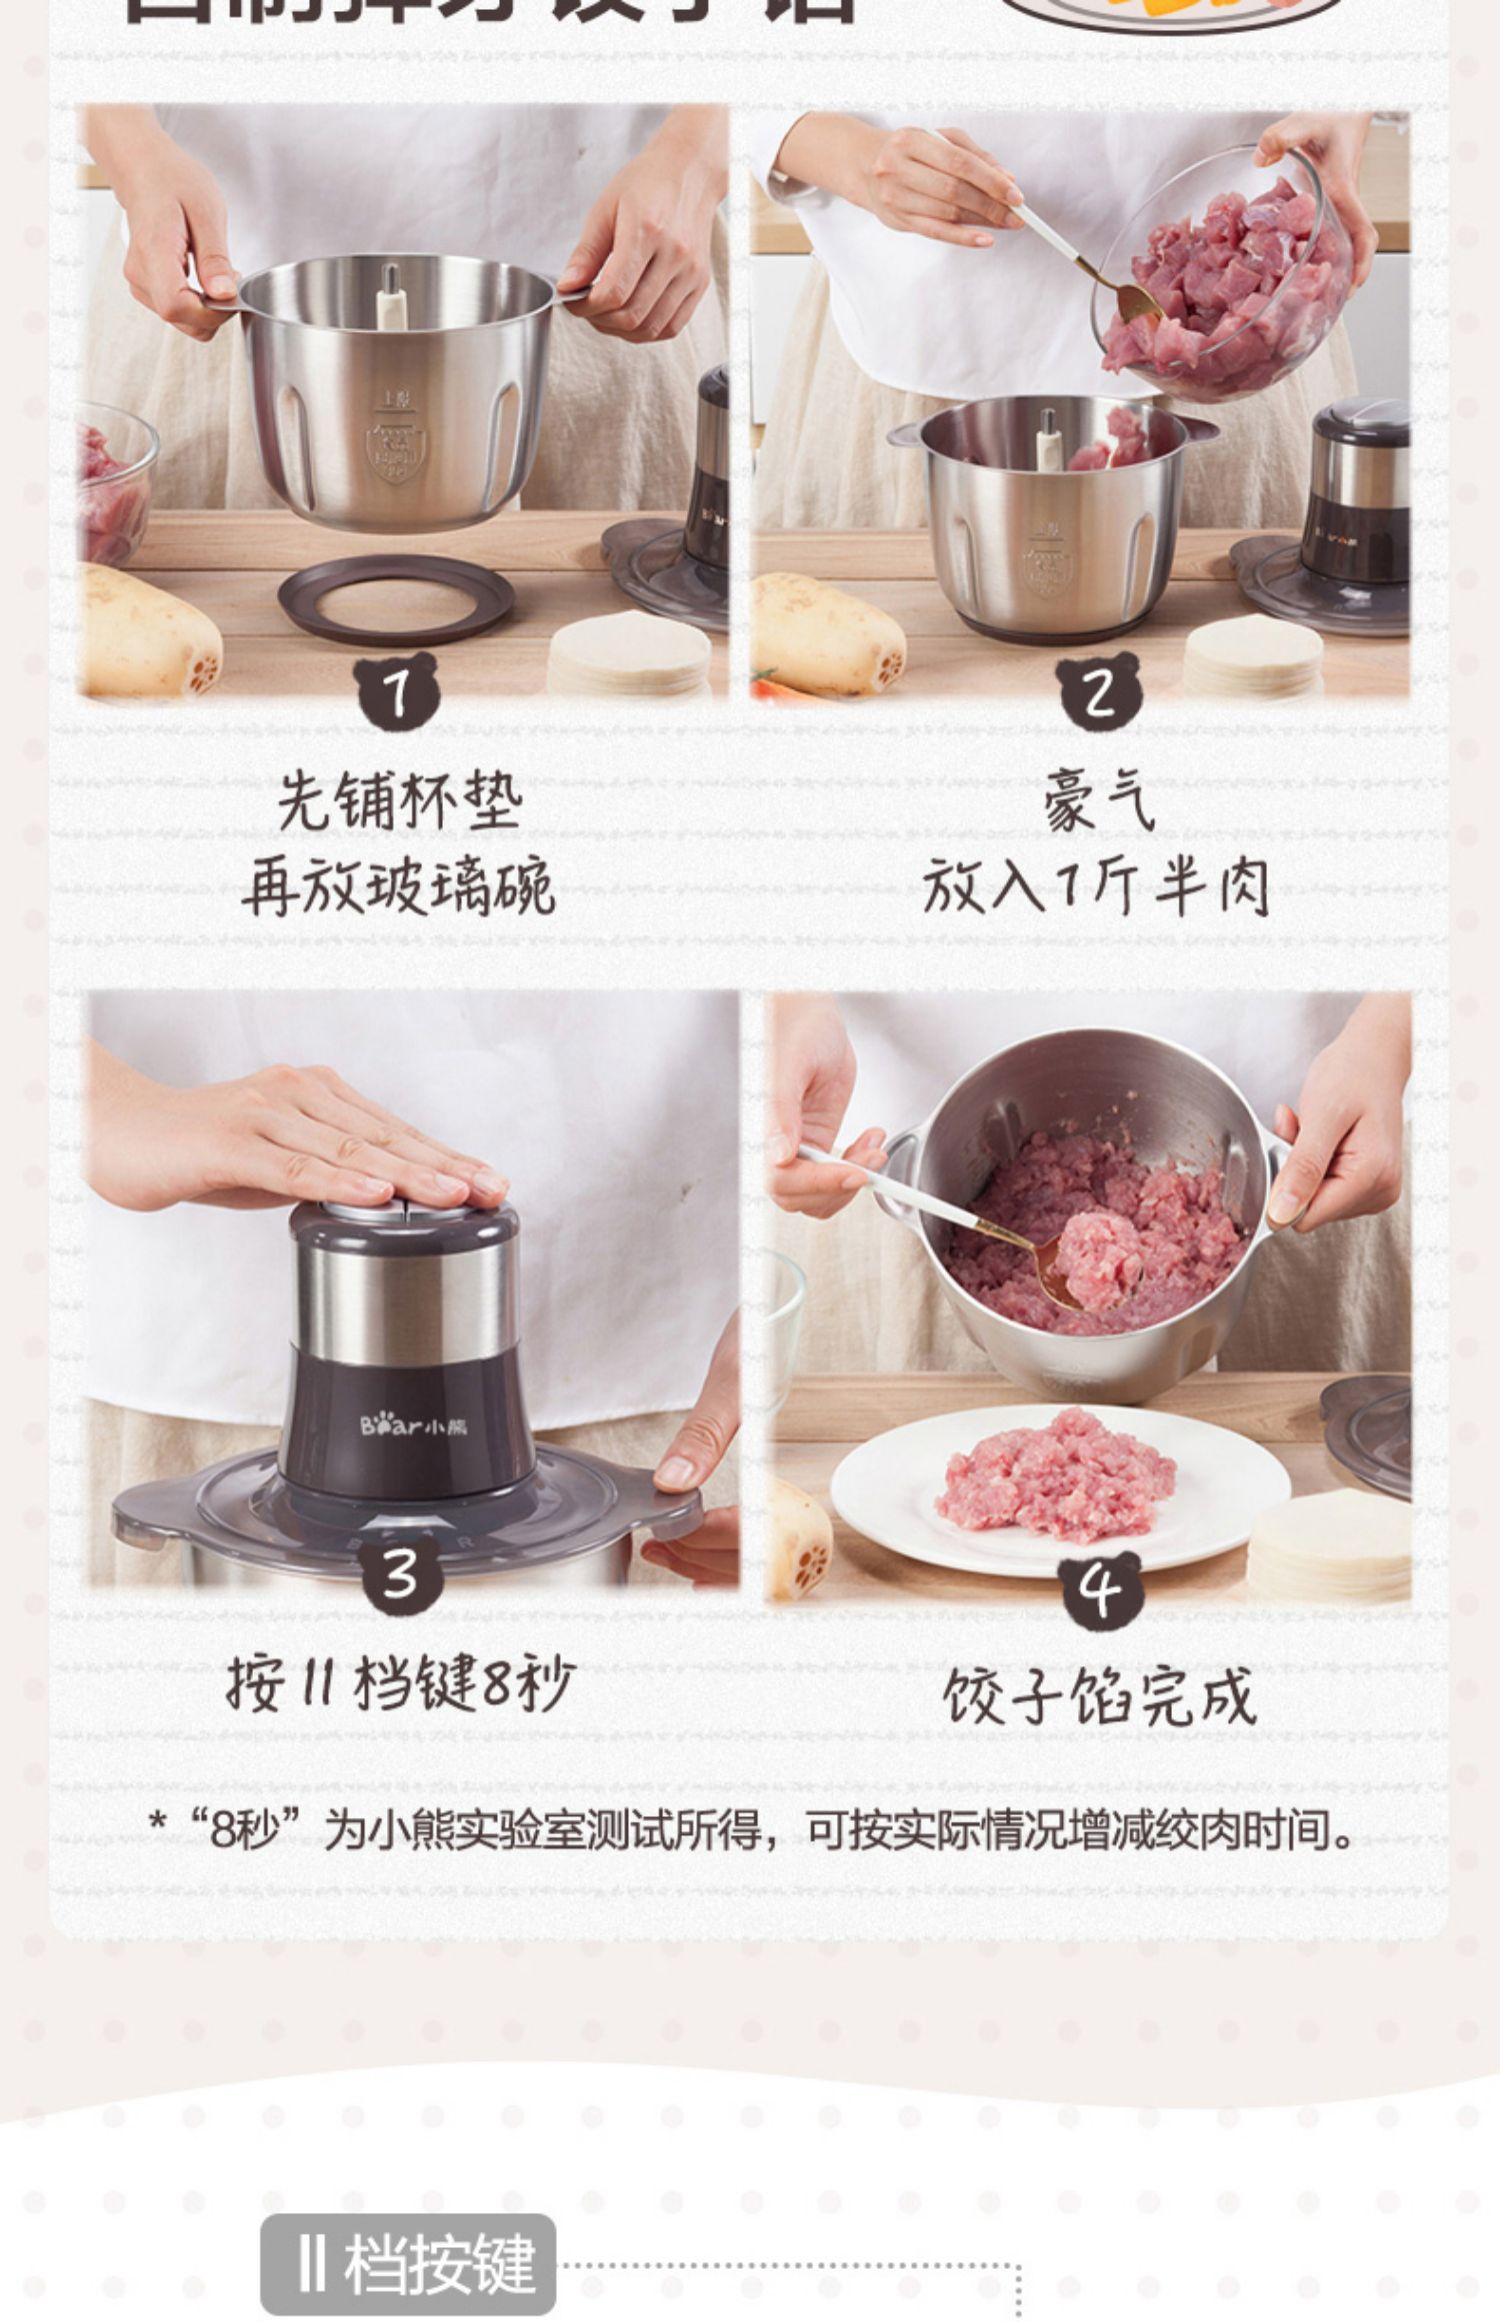 小熊不锈钢绞肉机家用电动小型打肉馅碎菜搅拌多功能料理机搅肉机商品详情图